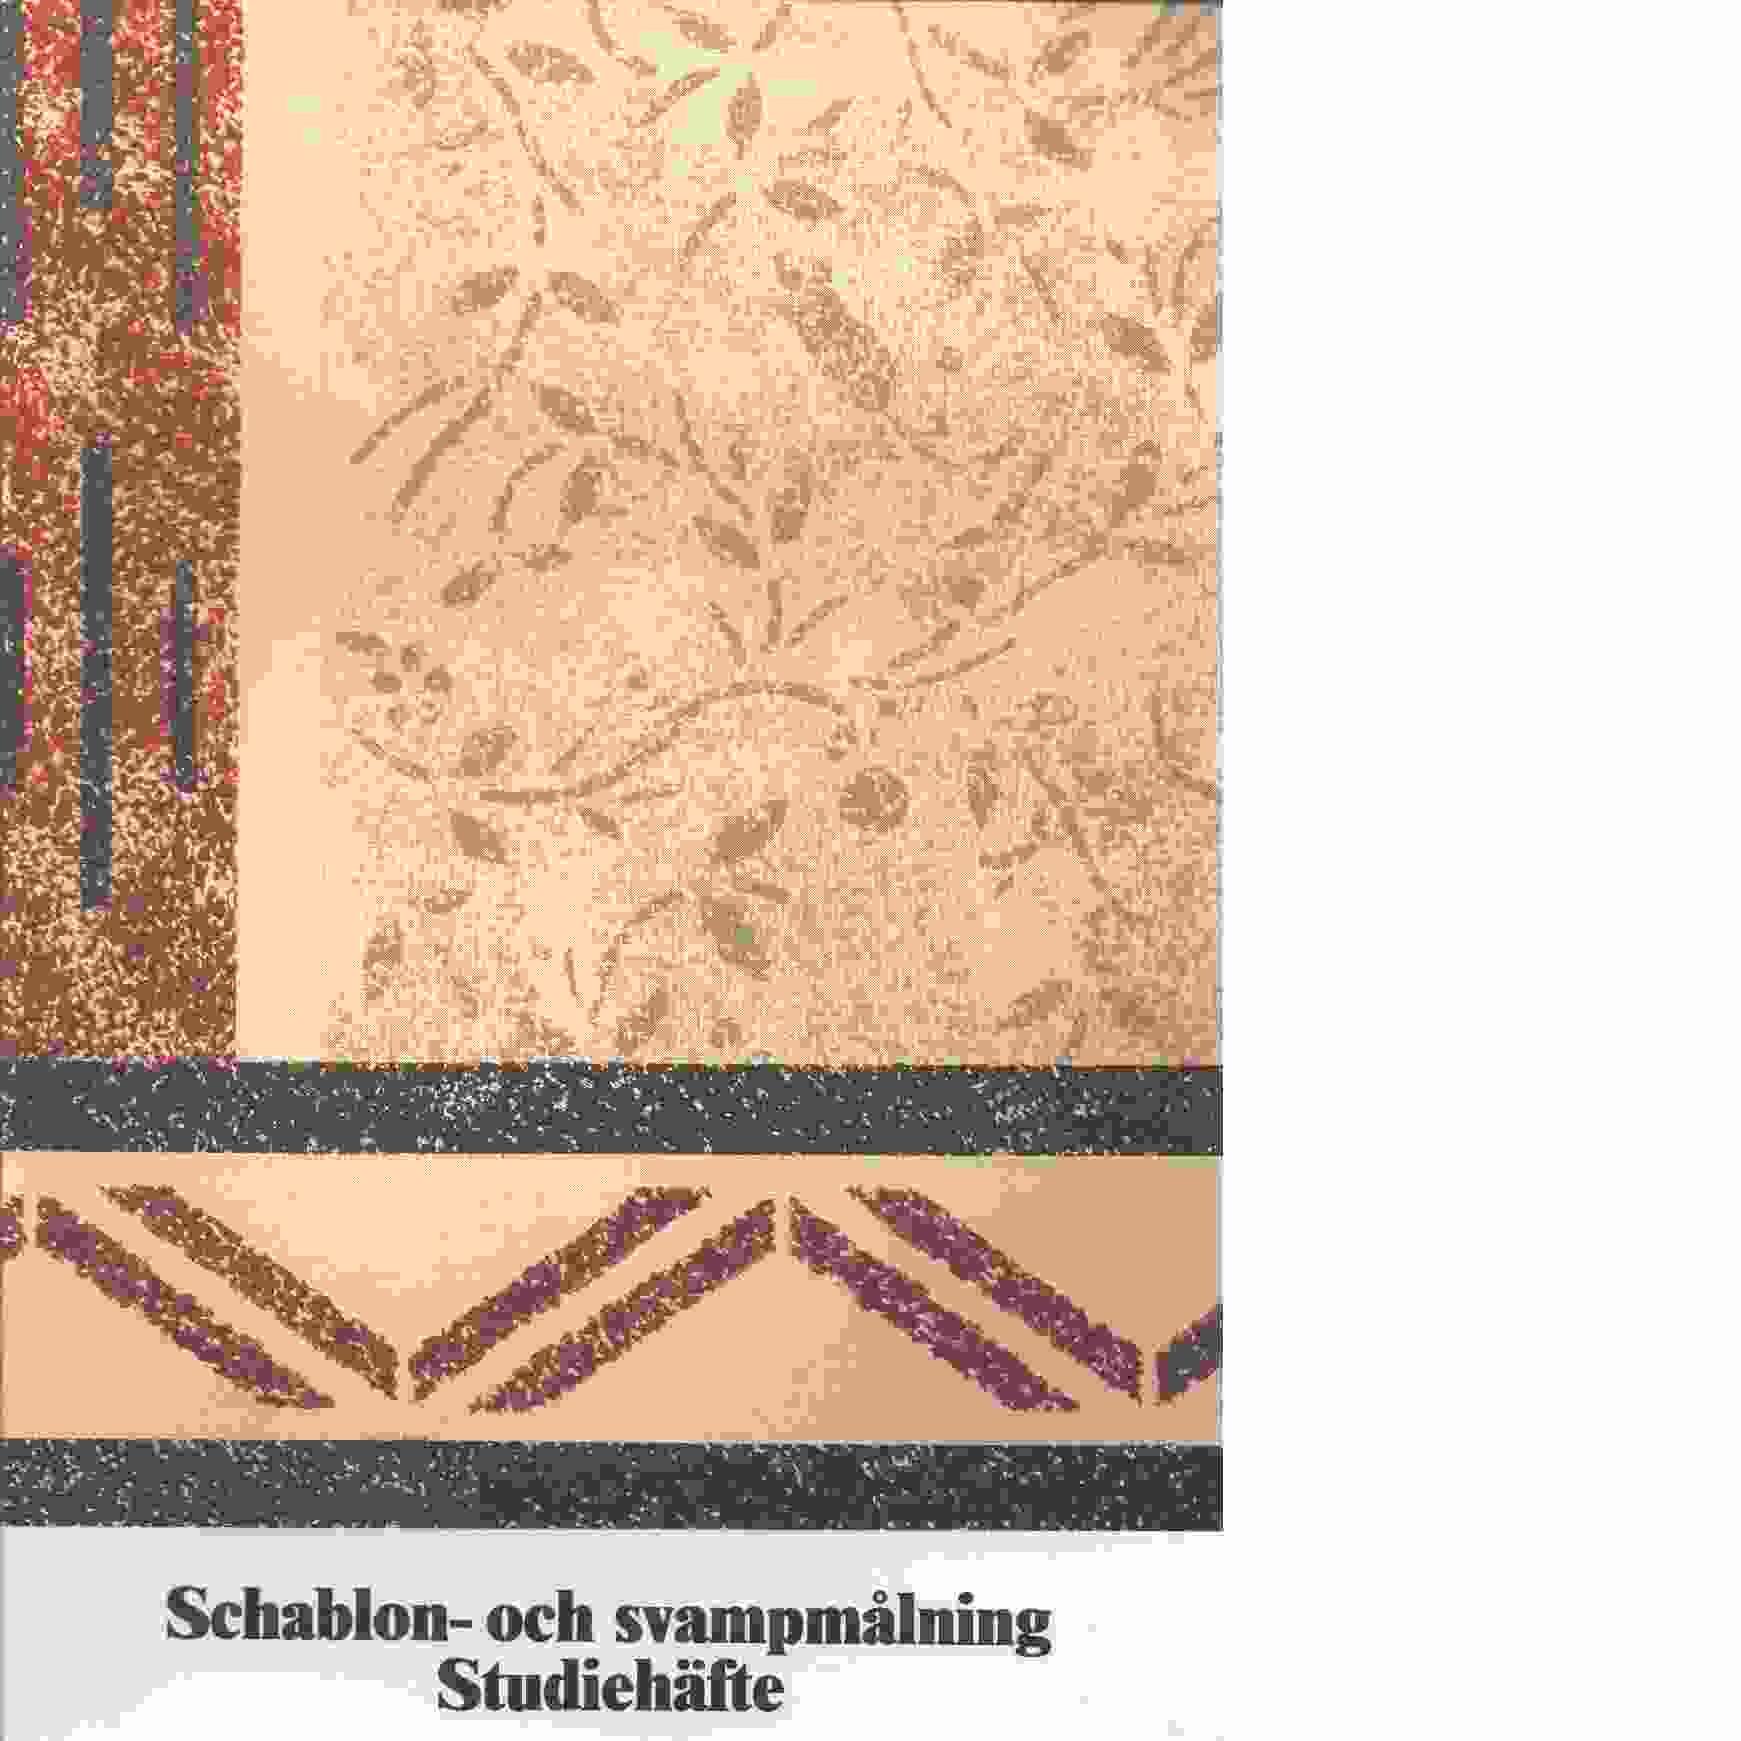 Studiehäfte i schablonmålning och svampmålning - Enberg, Kristina och Fridell Anter, Karin